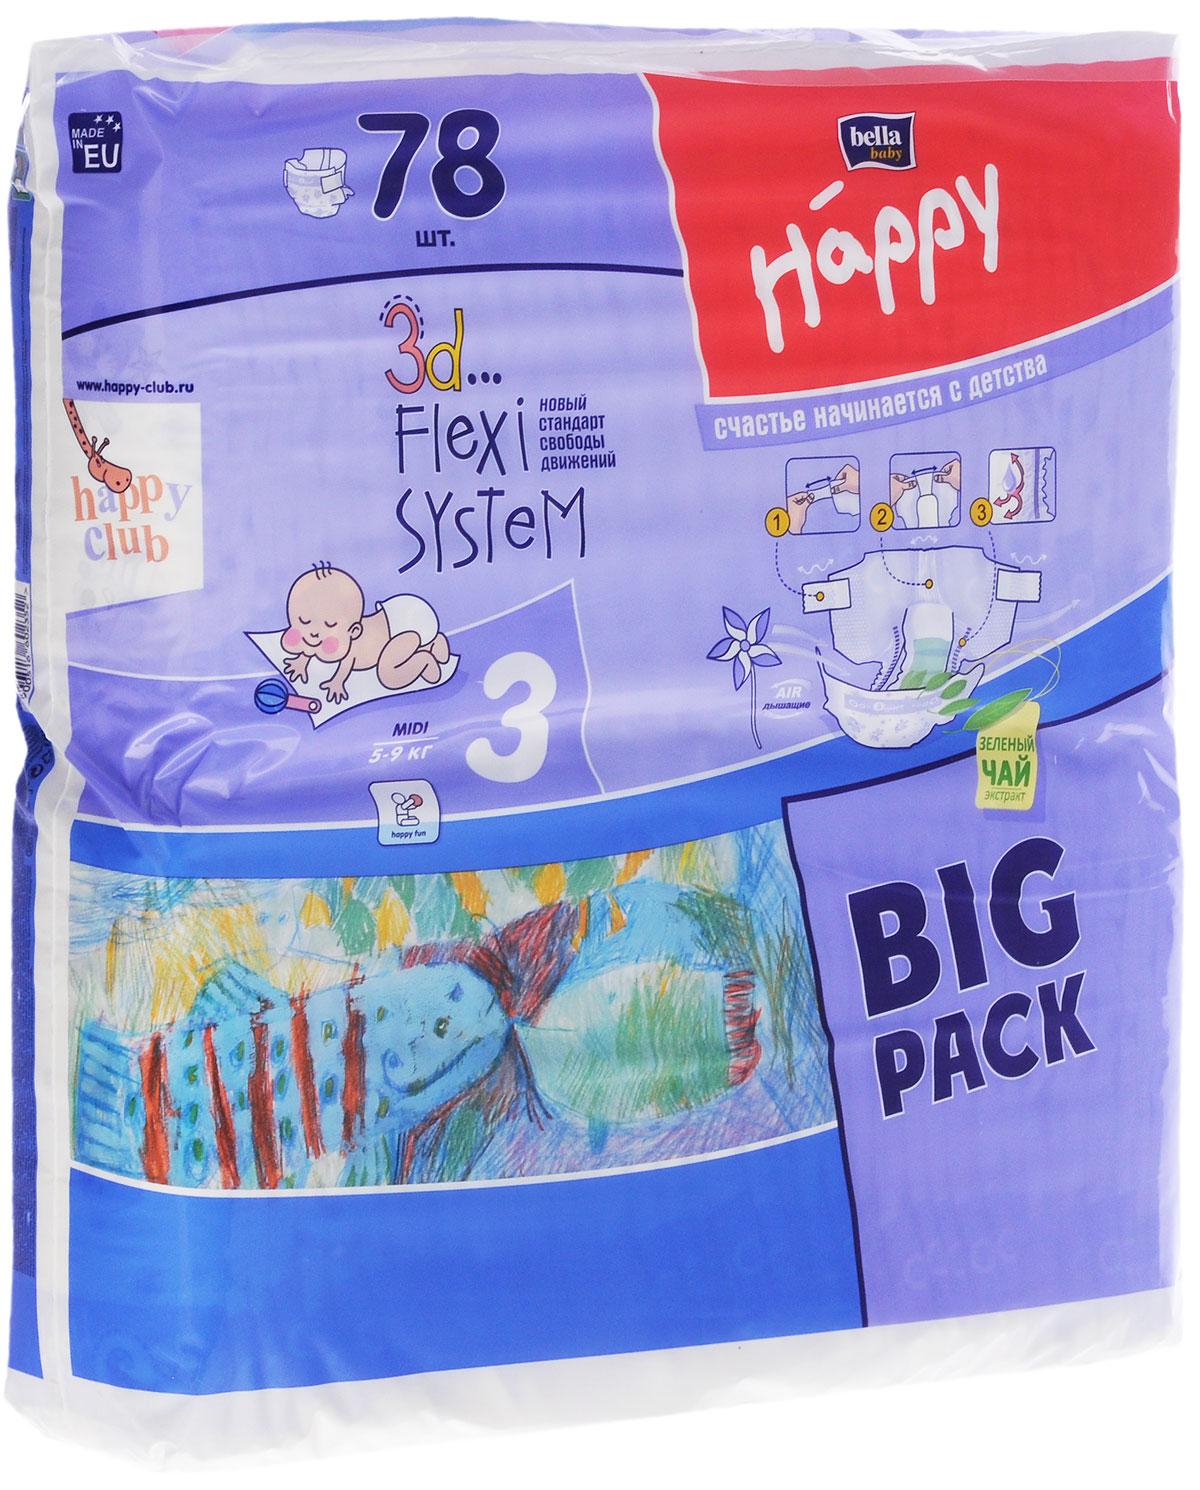 Bella Подгузники для детей Baby Happy размер Midi 3 5-9 кг 78 штBB-054-MU78-003Bella Подгузники для детей Baby Happy предназначены для младенцев с весом от 5 до 9 килограмм. На данном этапе развития ребенок еще не активен в движении, поэтому в данный период самым важным является ощущение сухости и спокойный сон. Благодаря дышащему внешнему слою обеспечивают постоянный доступ воздуха к нежной коже малыша. Супервпитывающий вкладыш покрыт мягким нетканым материалом со структурой микроворонок - Premium Dry, которая благодаря своей конструкции позволяет впитывать не только мочу, но и жидкий стул. Жидкий стул, характерный для маленьких детей, из-за своей слегка кислой реакции, может раздражать кожу, поэтому чрезвычайно важно как можно быстрее изолировать его от нежной попки ребенка. Эластичные оборки, которые находятся внутри боковой части подгузника, удерживают содержимое на месте, предотвращая боковые протекания и повышая тем самым комфорт использования подгузника. Надлежащую фиксацию обеспечивают крепкие липучки, правильно надеть подгузник...